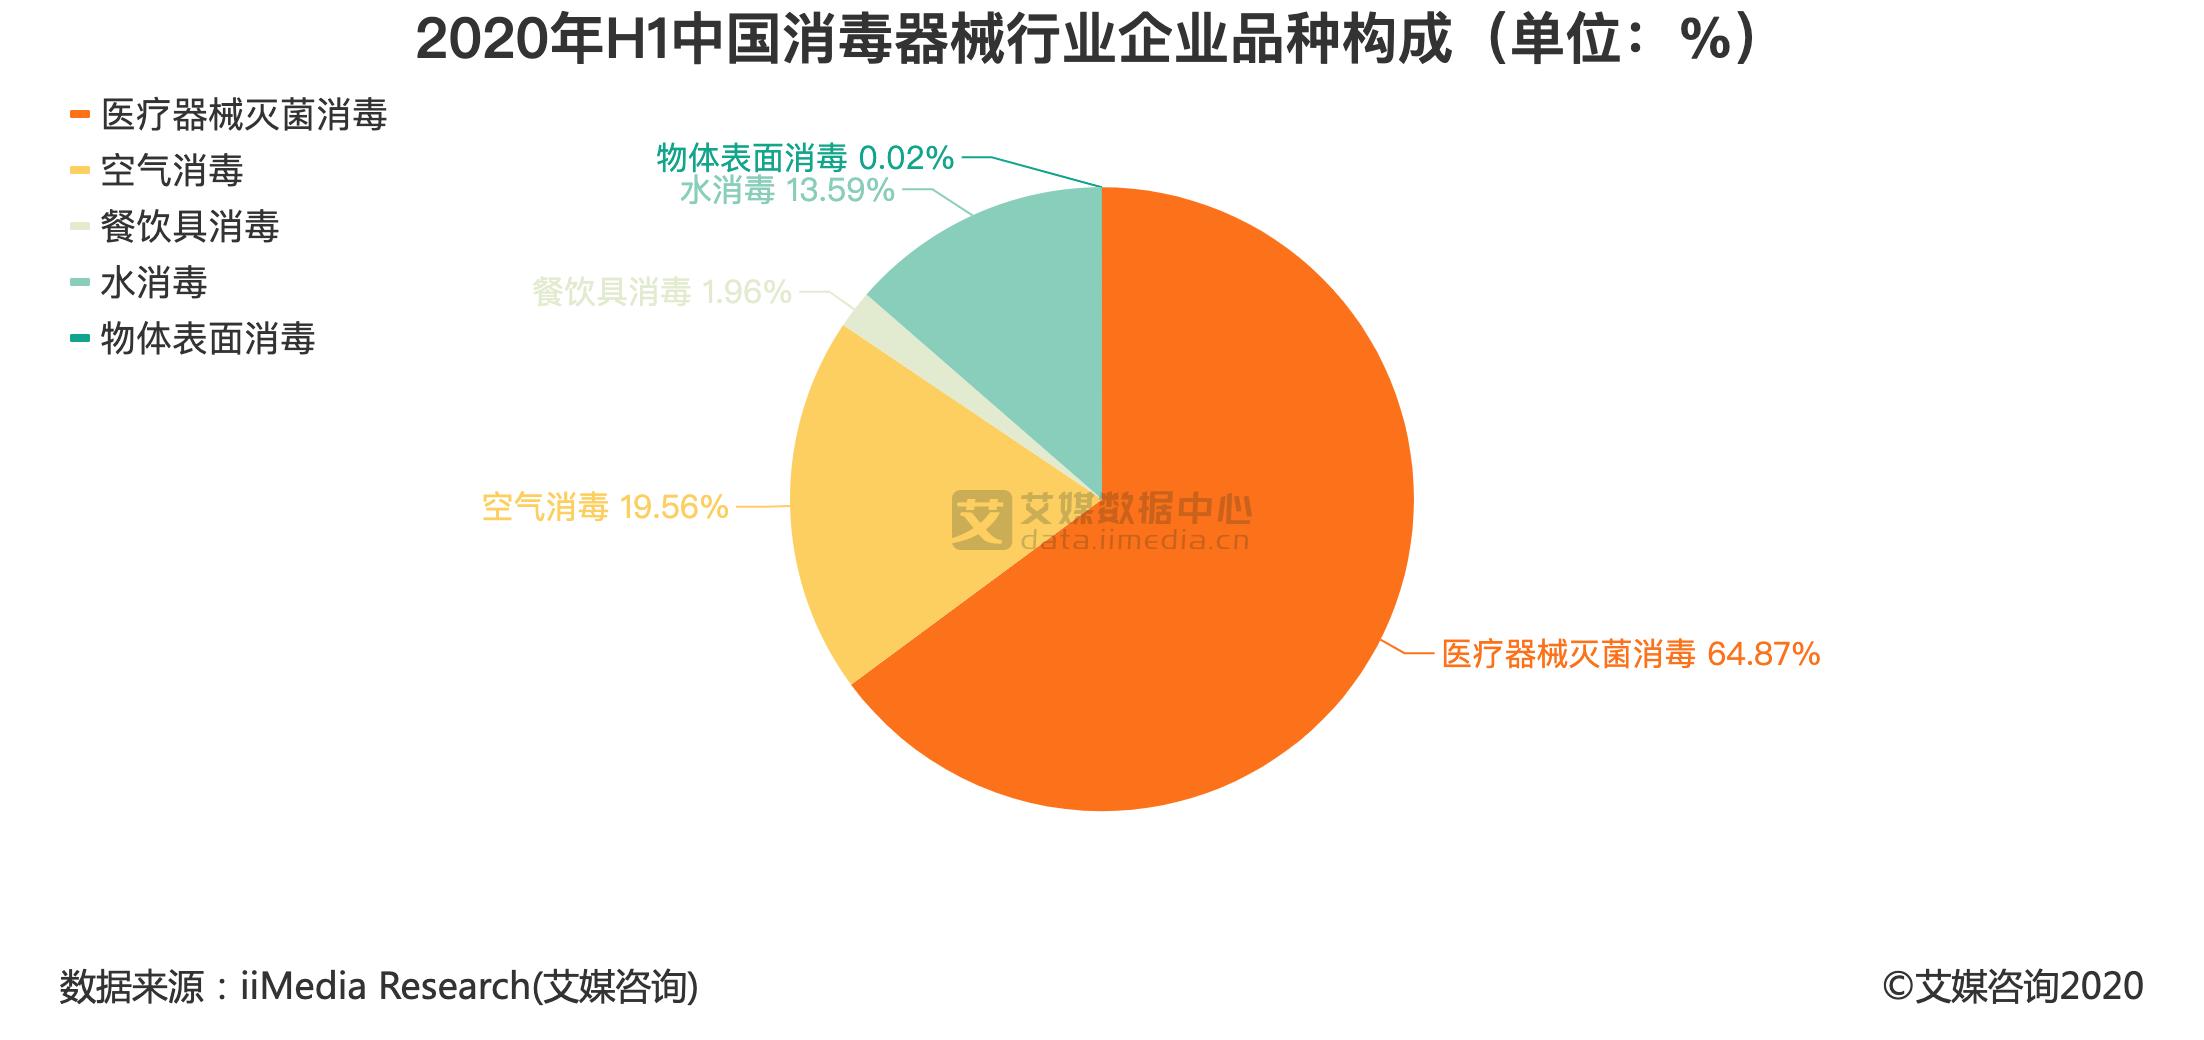 2020年H1中国消毒器械行业企业品种构成(单位:%)